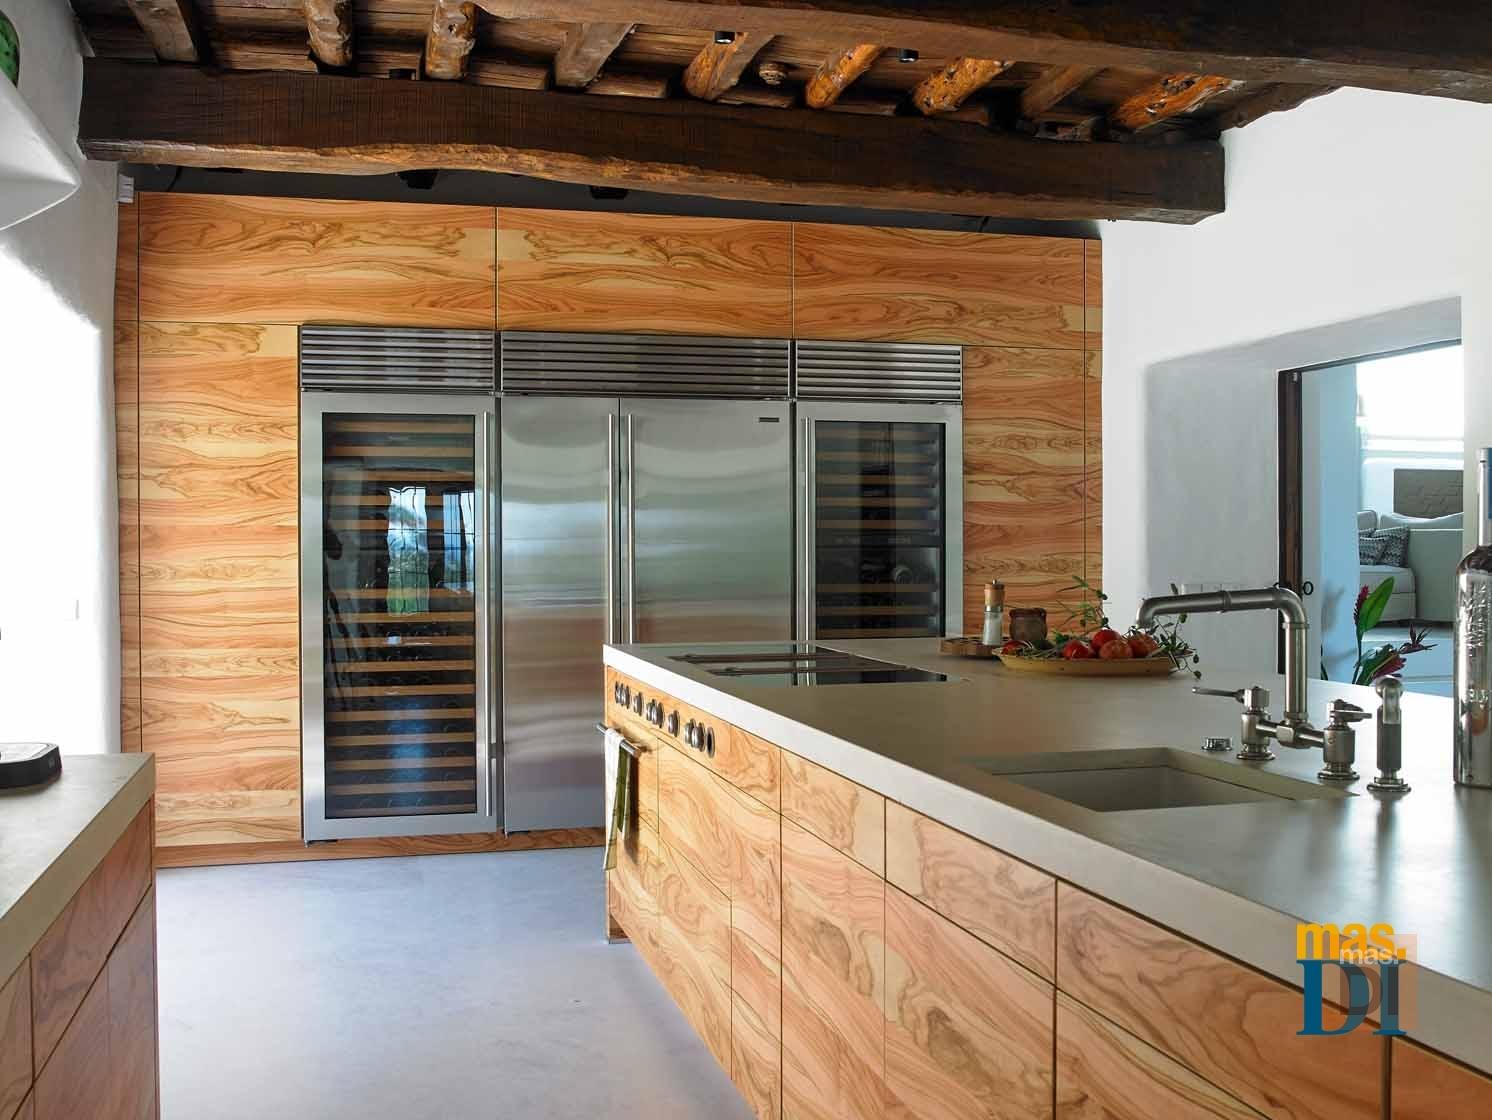 Frontal y embellecedores en madera de olivo en una casa de campo ibicenca.  CONRAD WHITE af714d56fb5e